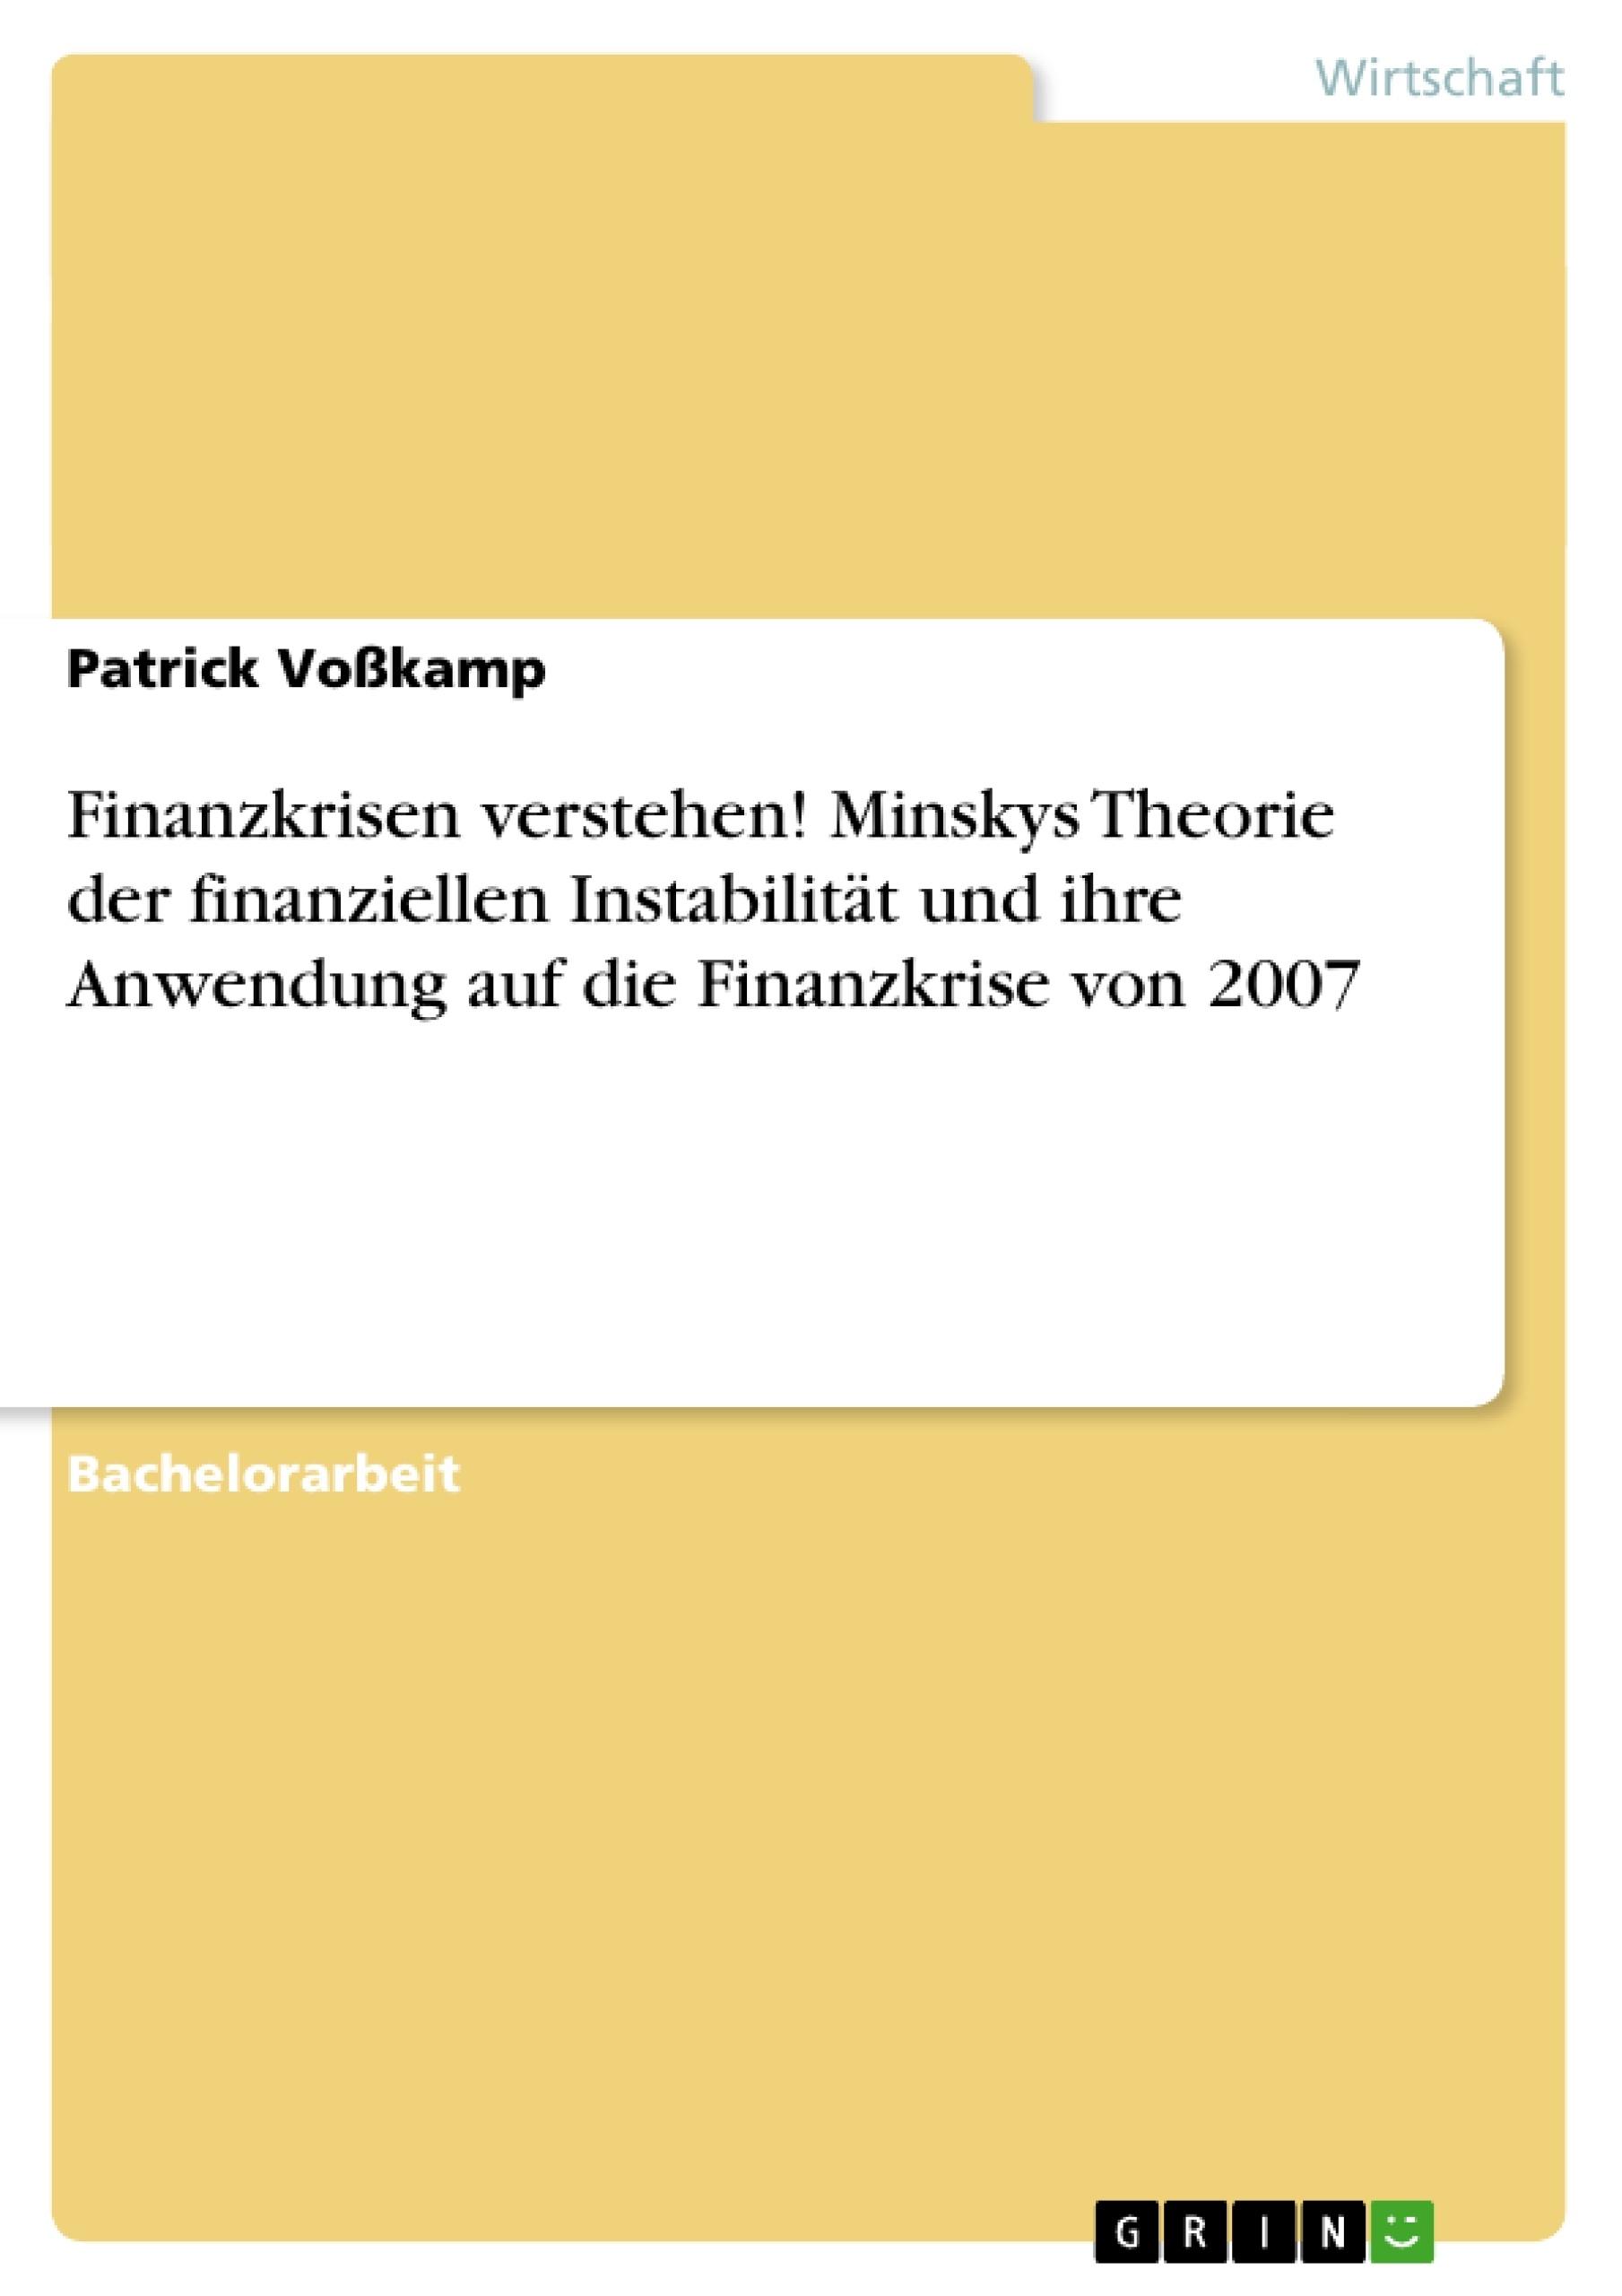 Titel: Finanzkrisen verstehen! Minskys Theorie der finanziellen Instabilität und ihre Anwendung auf die Finanzkrise von 2007